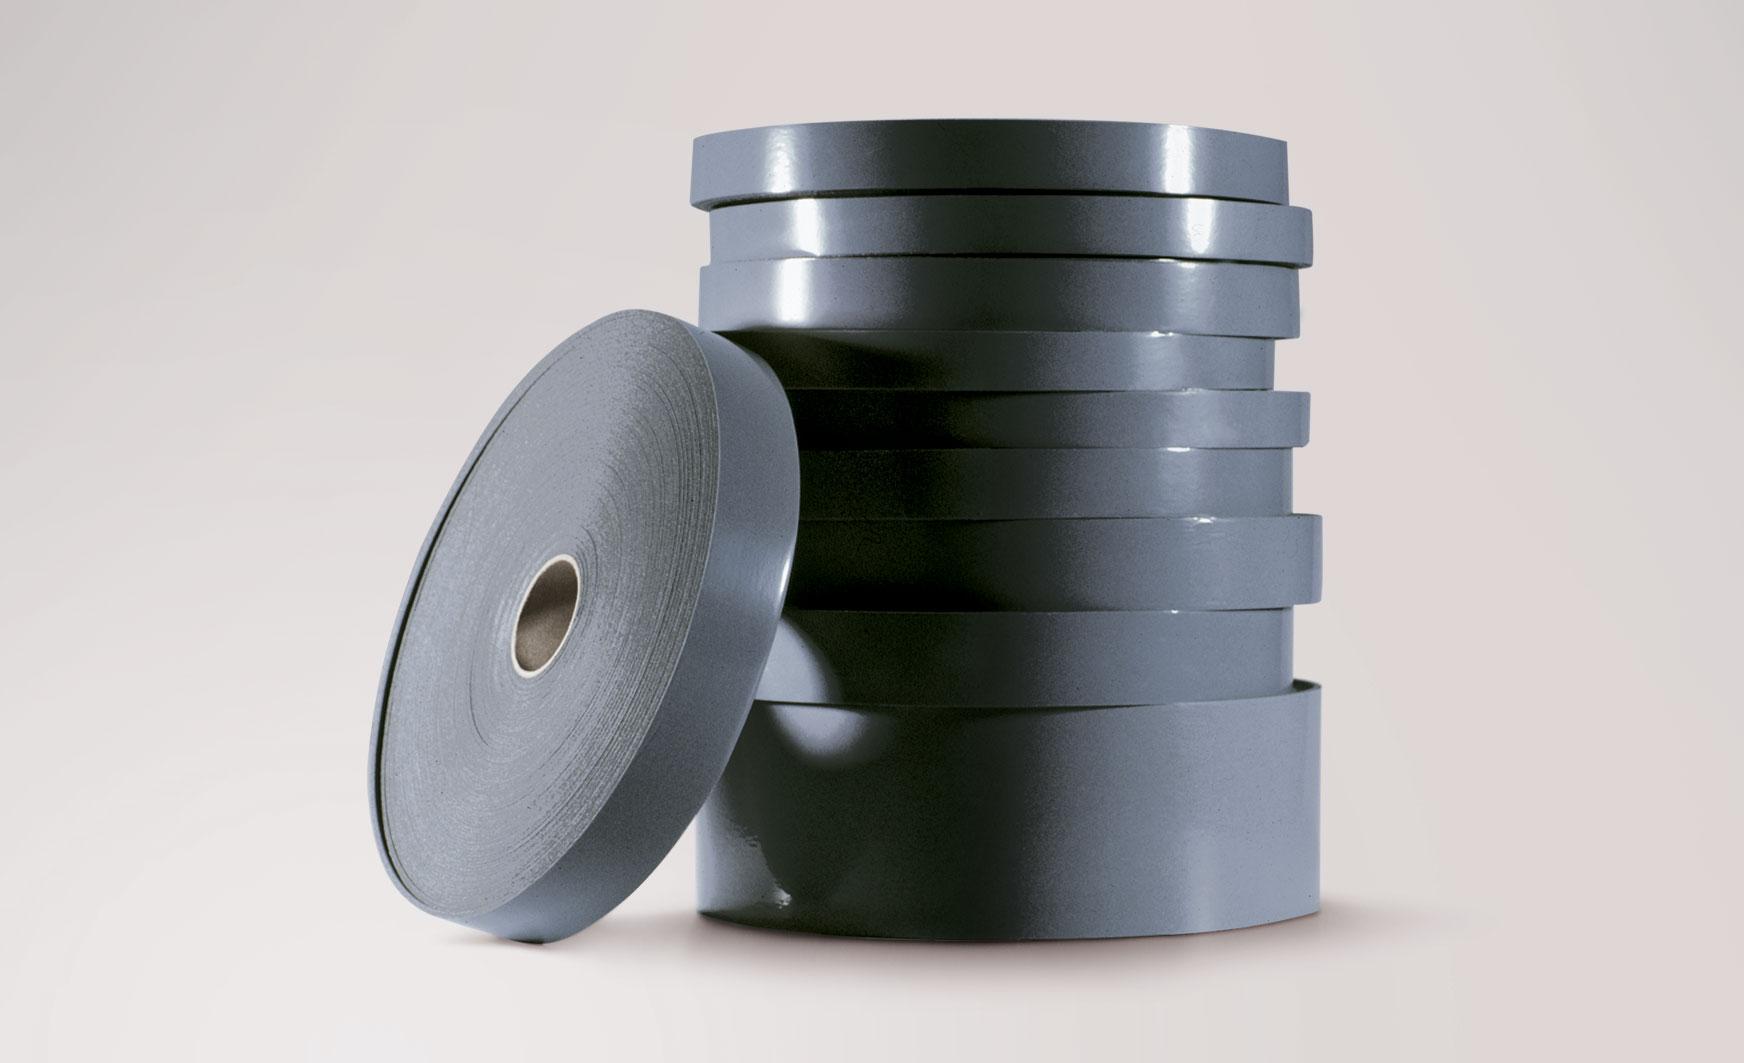 Entkopplungs- und Vorlegebänder